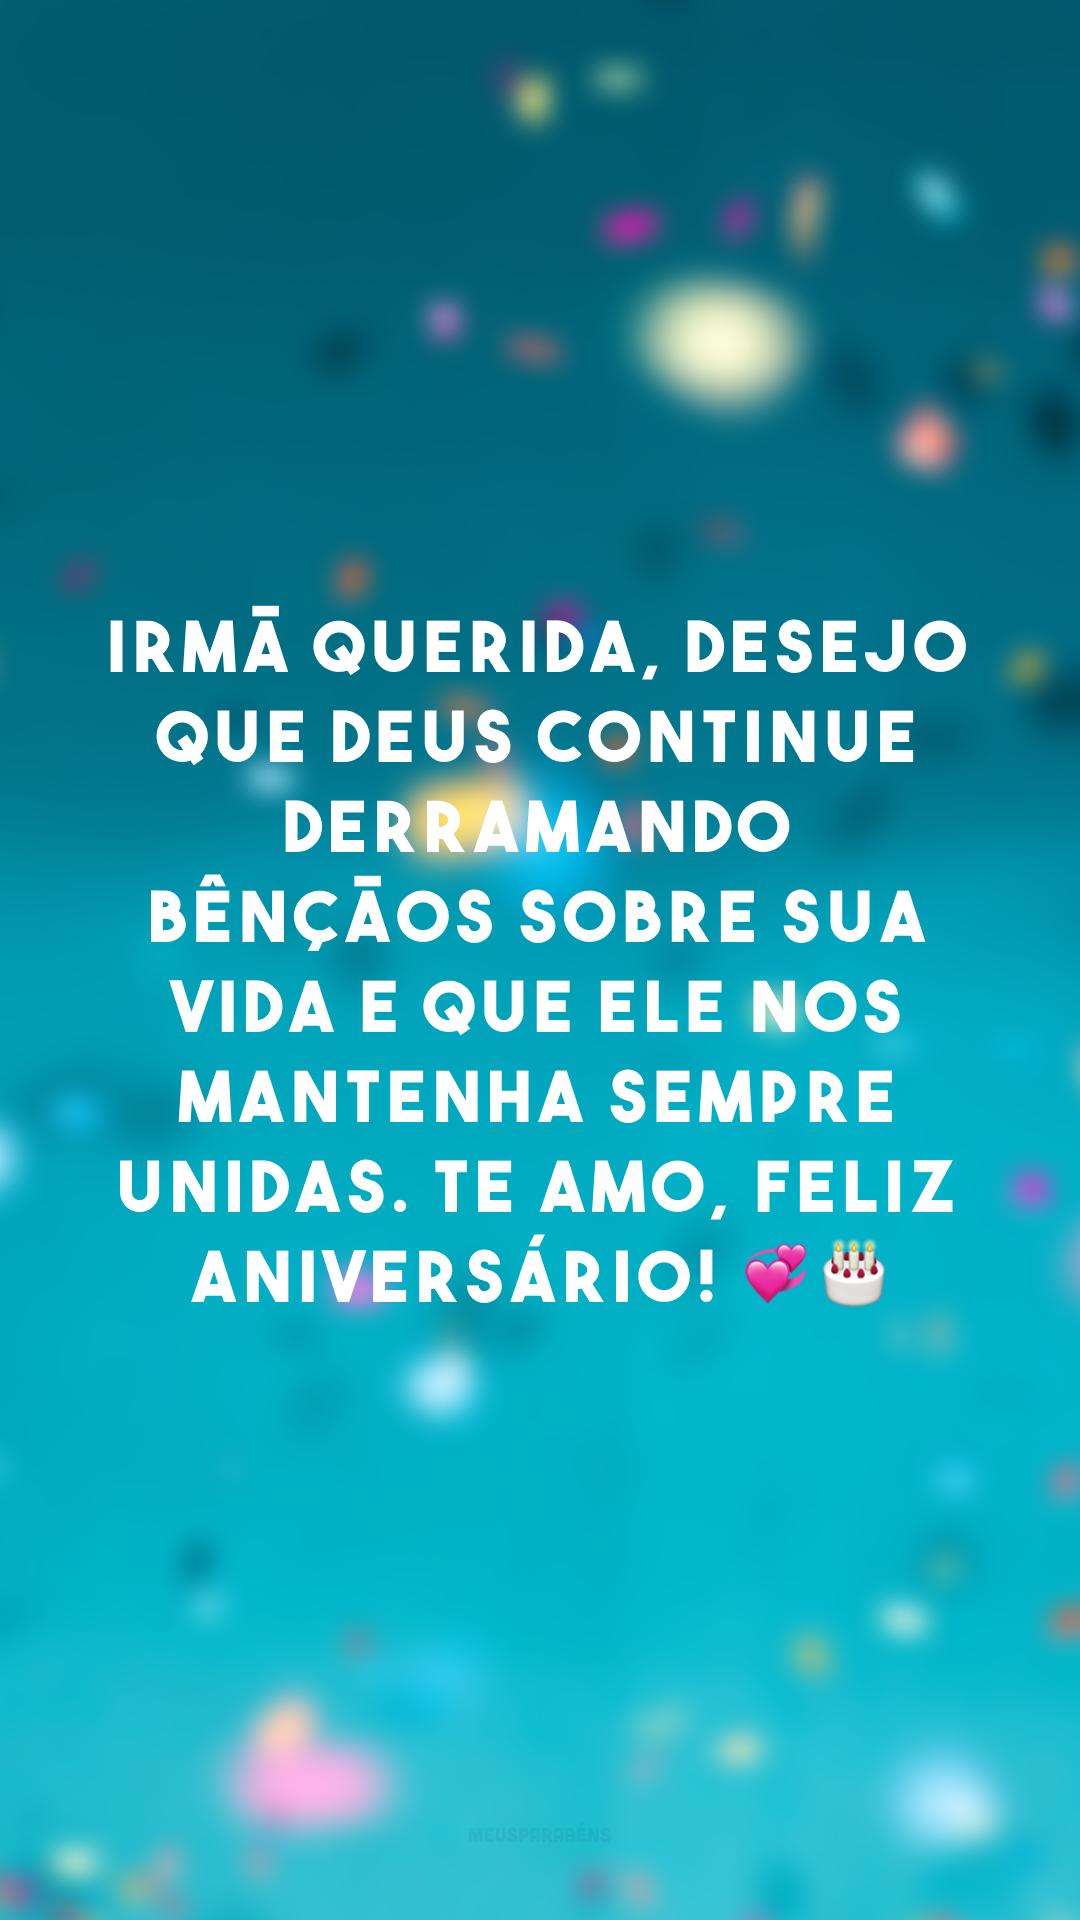 Irmã querida, desejo que Deus continue derramando bênçãos sobre sua vida e que Ele nos mantenha sempre unidas. Te amo, feliz aniversário! 💞🎂